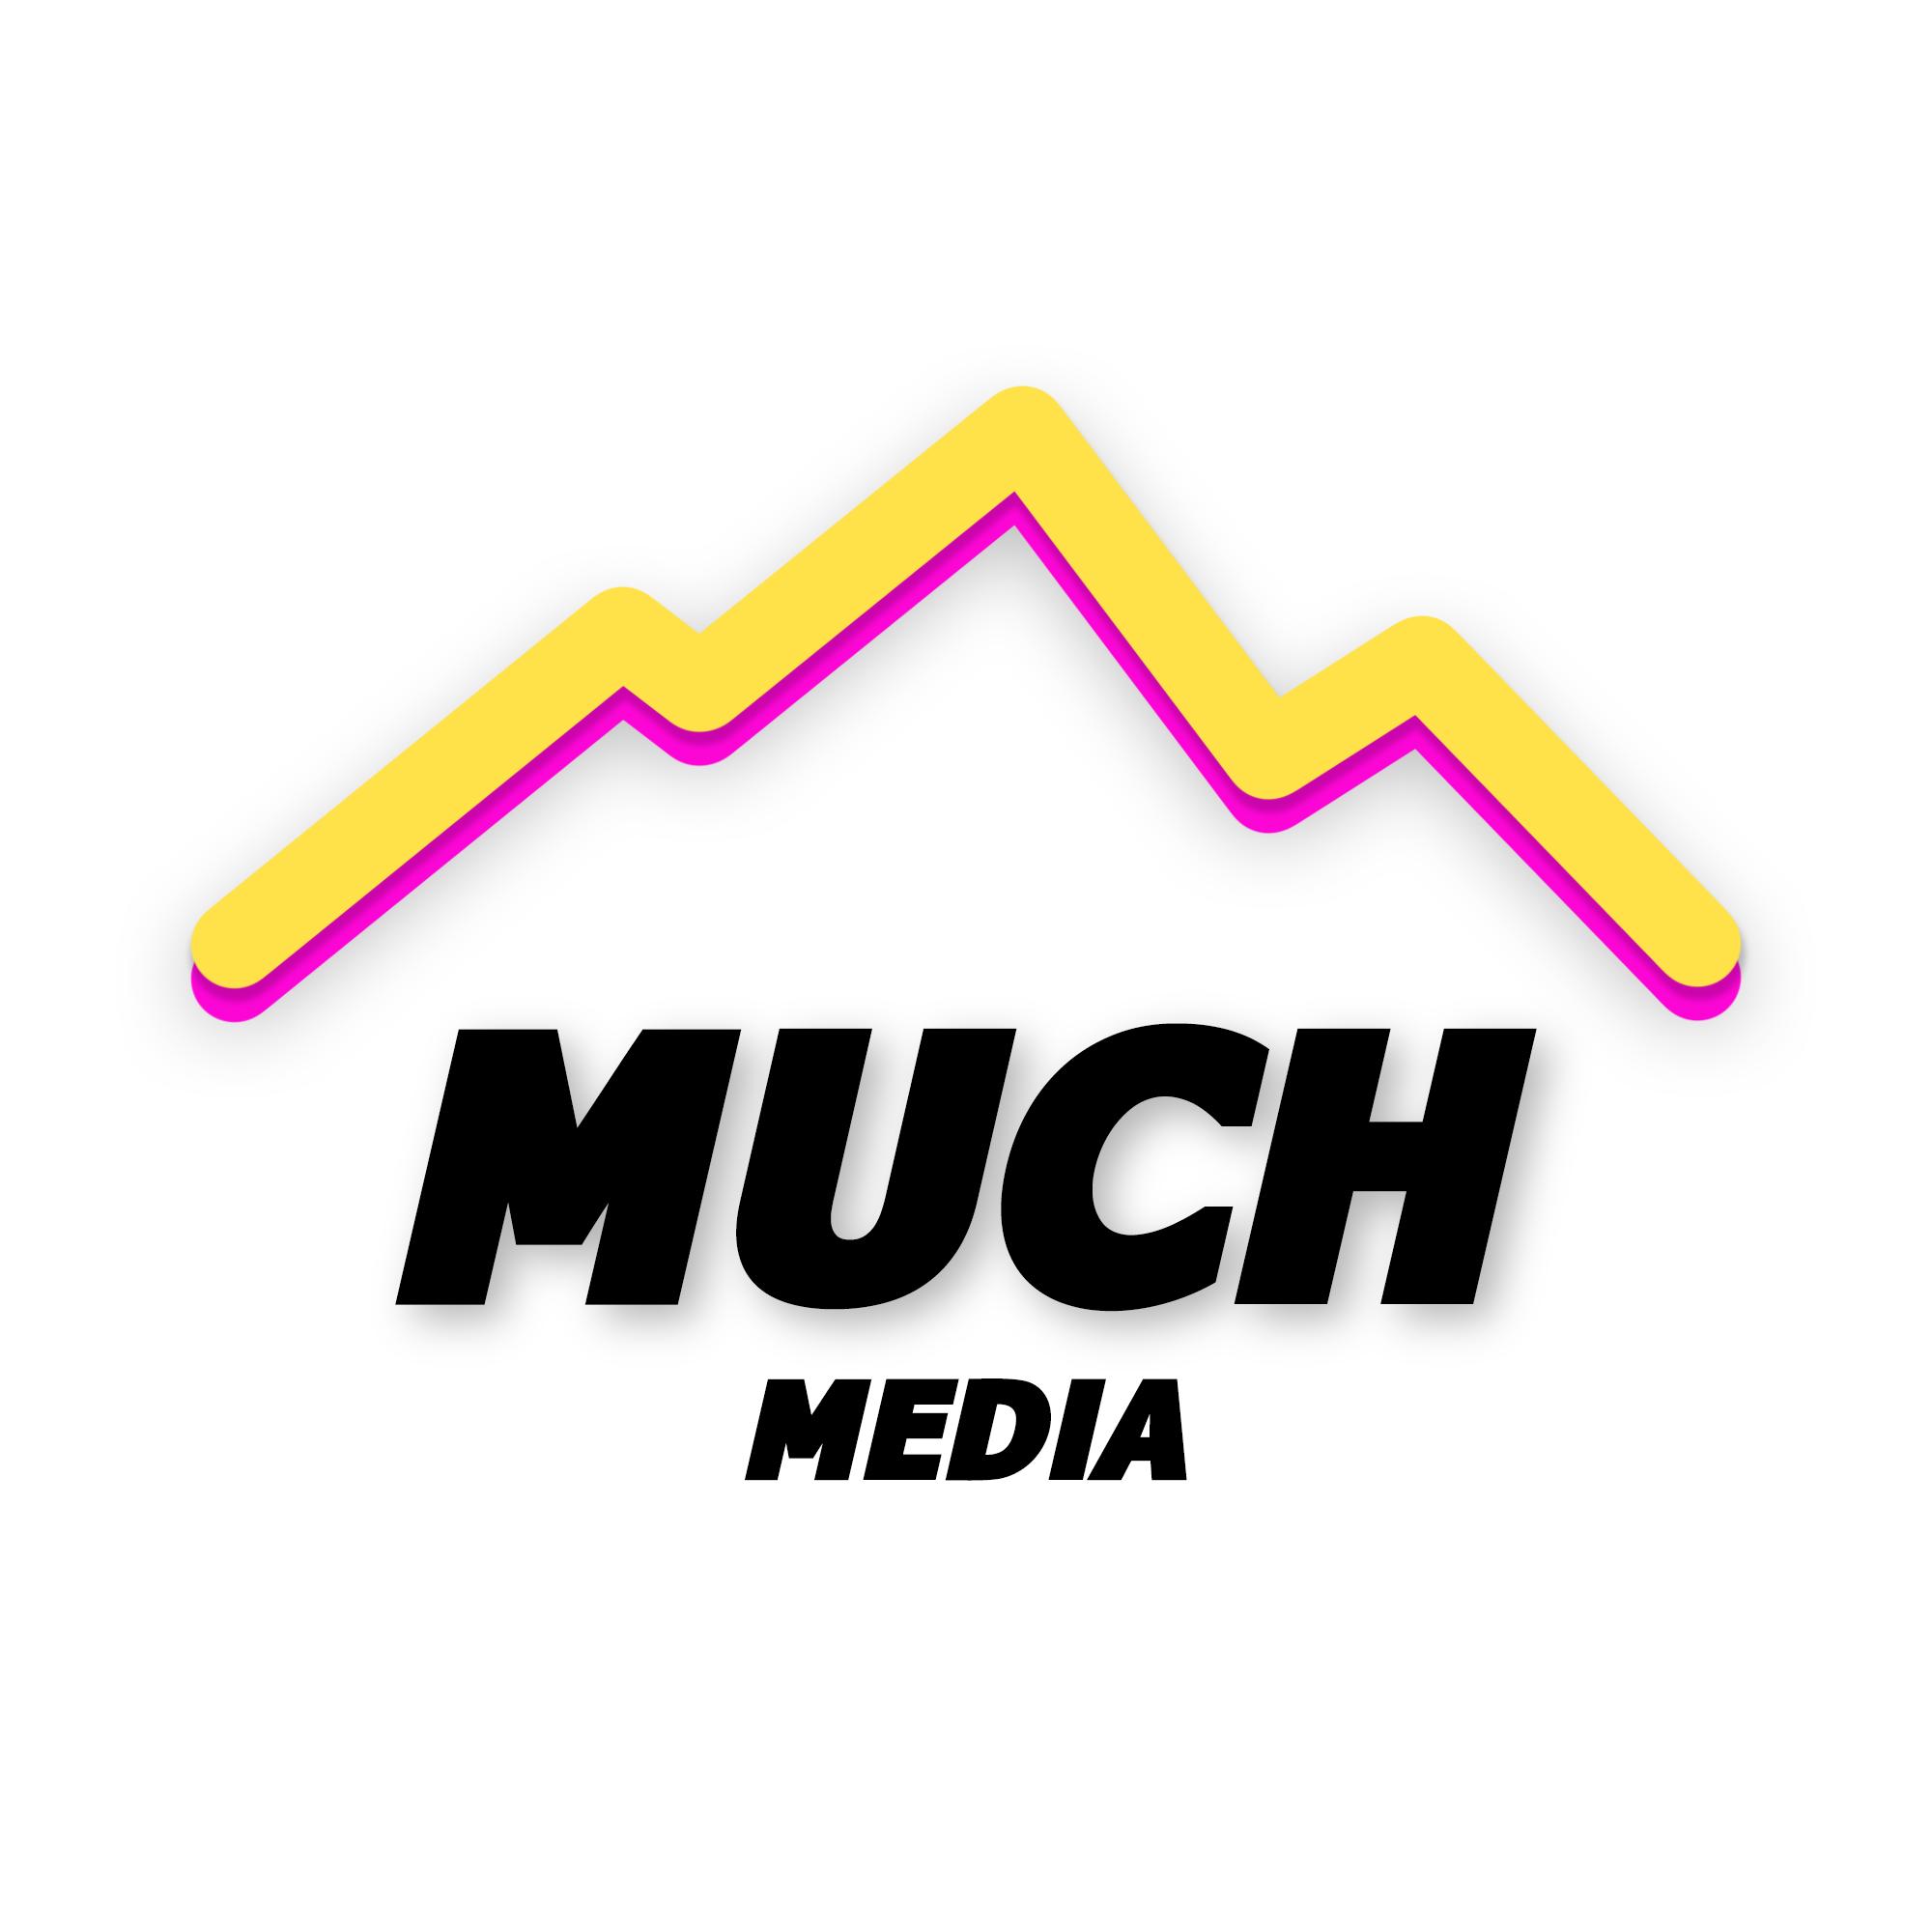 Much Media Logo